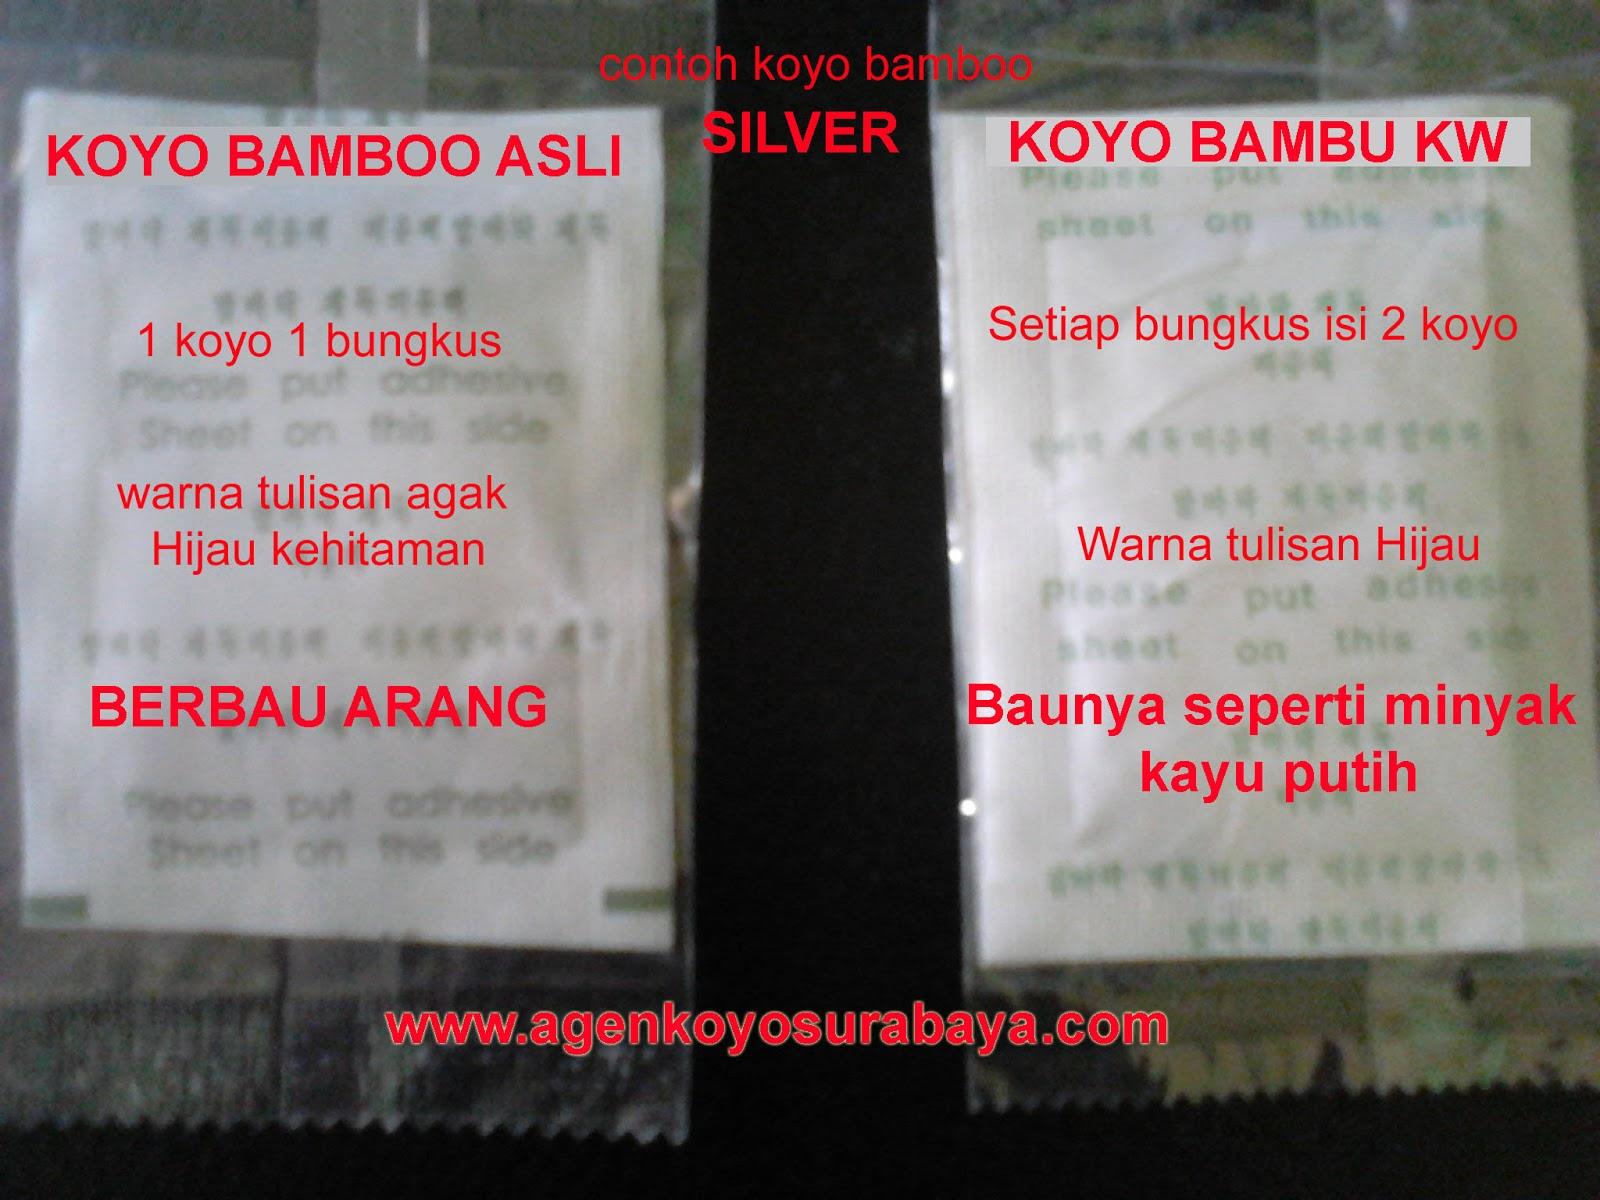 Agen Koyo Surabaya Happy Life Bamboo Jual Gold Original Detox Isi Warna Kuning Tourmalin Agak Kasar Perekat Tidak Kuat Berbau Seperti Minyak Kayu Putih Serbuk Terkadang Keluar Bungkus Plastik